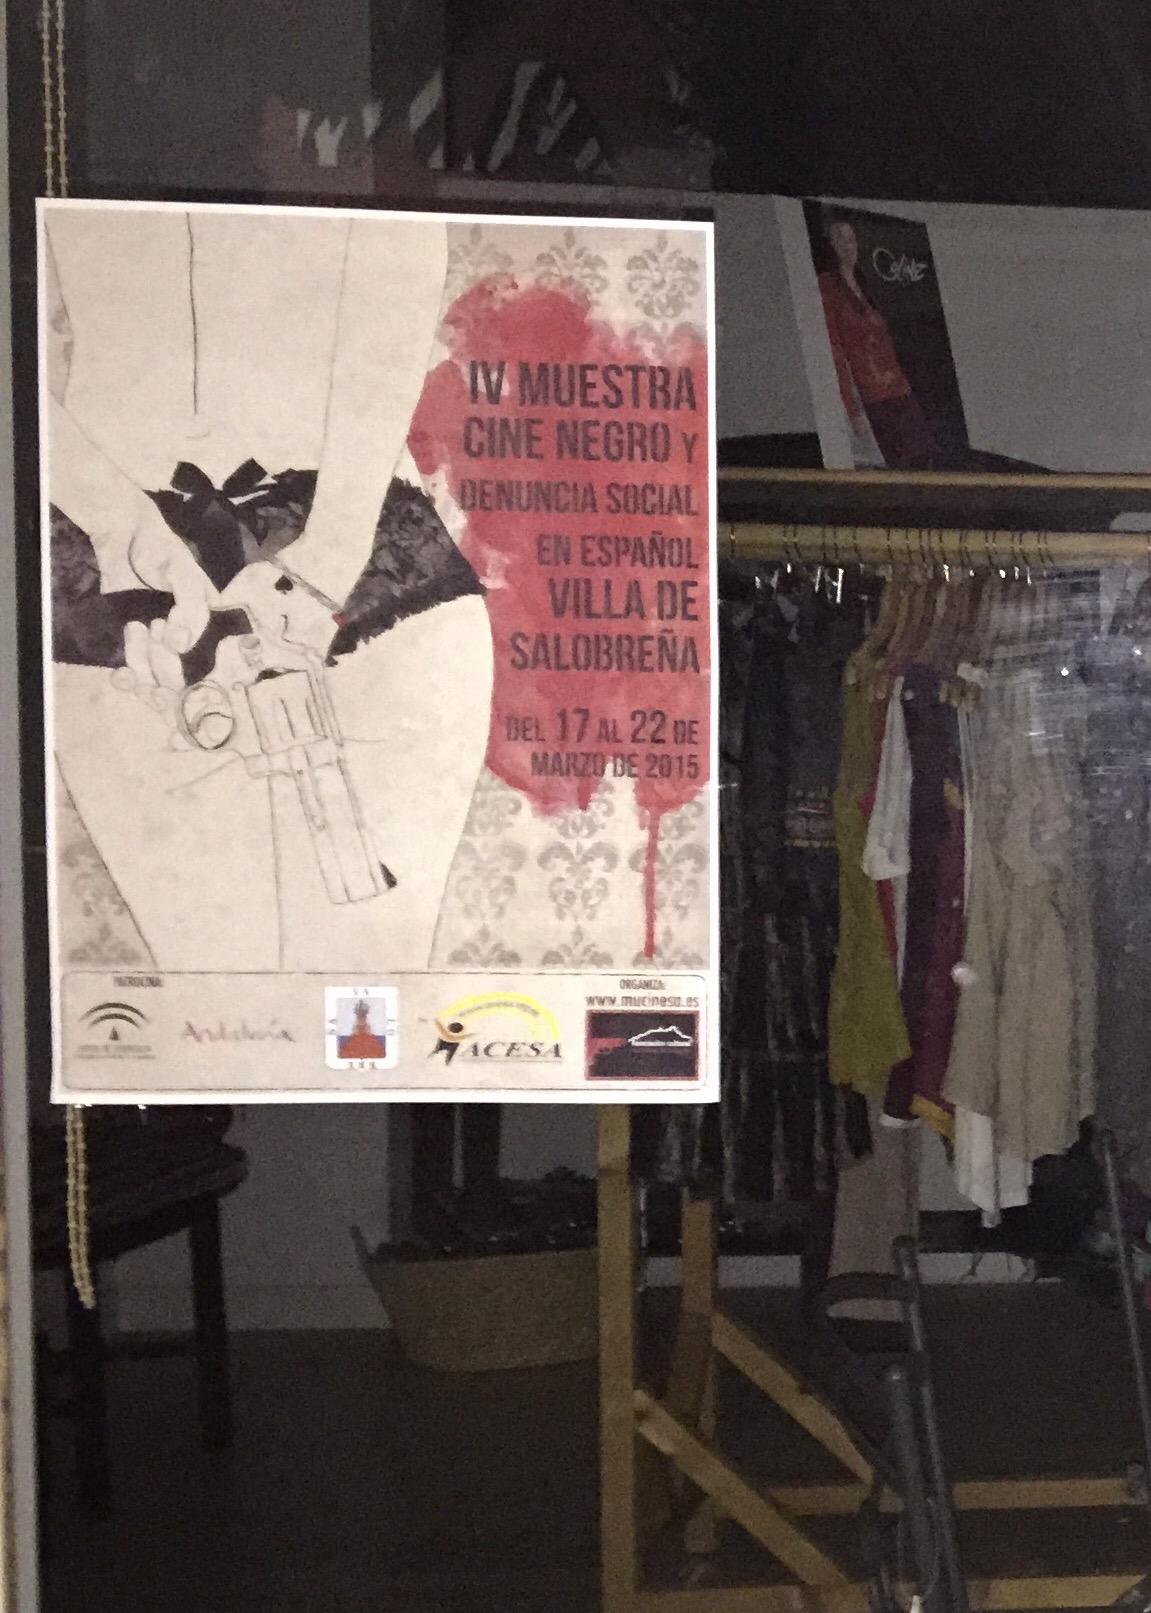 El cartel plagiado ya brilla en el escaparate de Bratán (Salobreña)